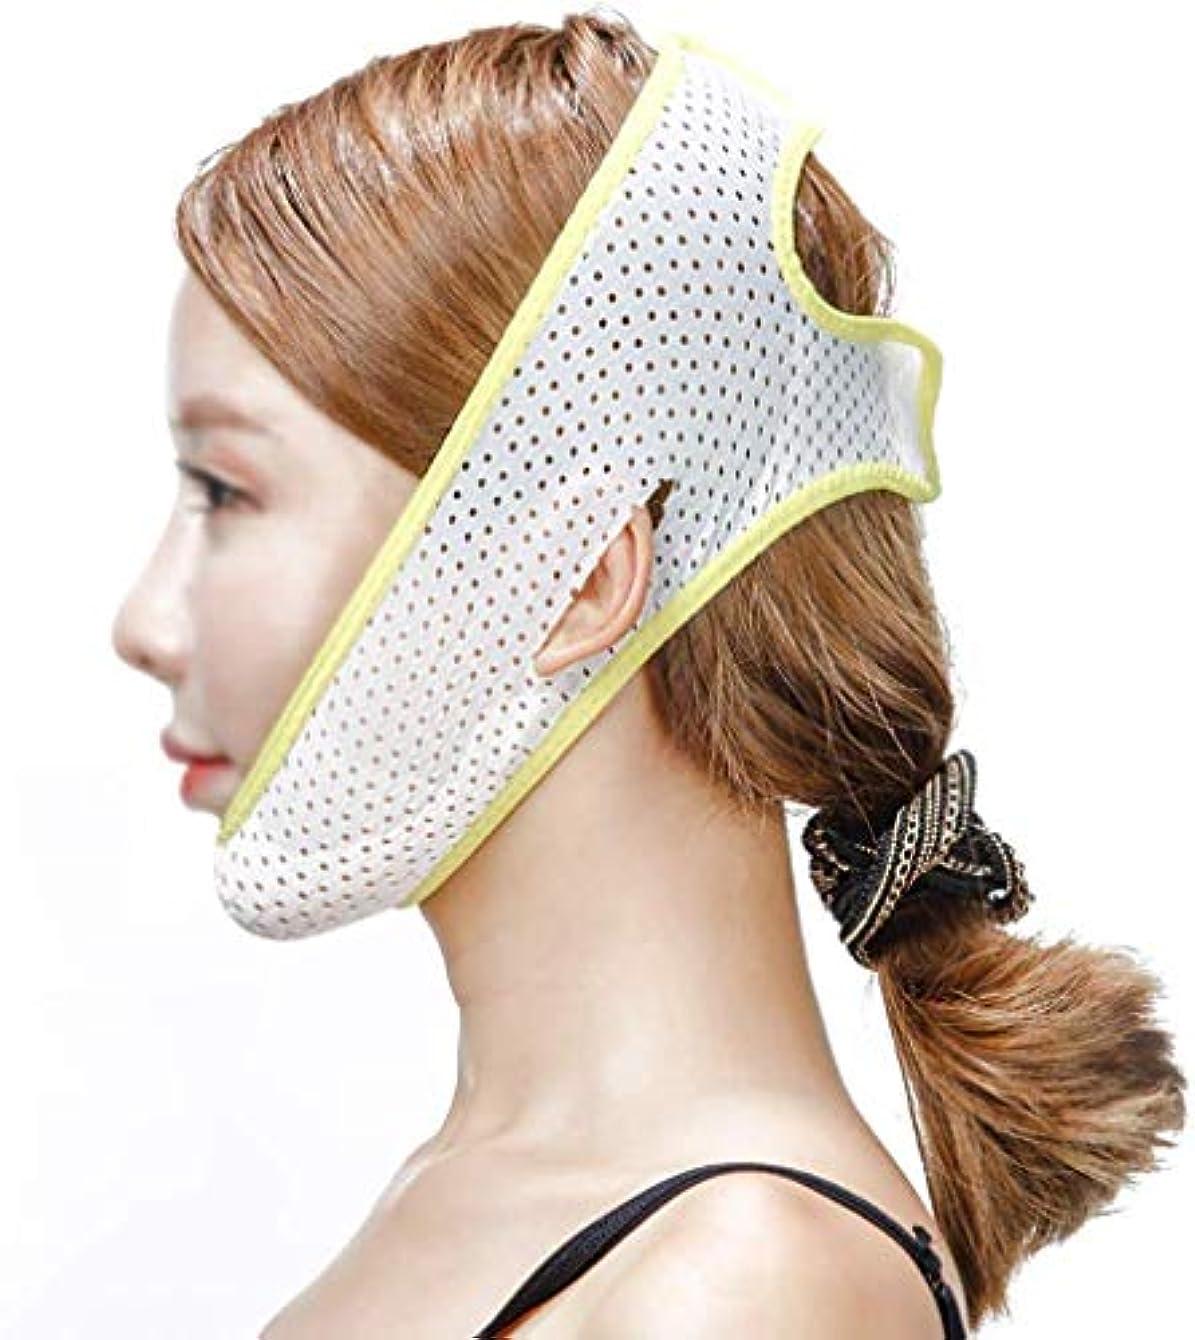 預言者殺します荒れ地美容と実用的なフェイスリフトマスク、チンストラップ回復包帯睡眠薄いフェイスバンデージ薄いフェイスマスクフェイスリフトアーティファクトフェイスリフト美容マスク包帯で小さなV顔を強化(色:黄色と白)